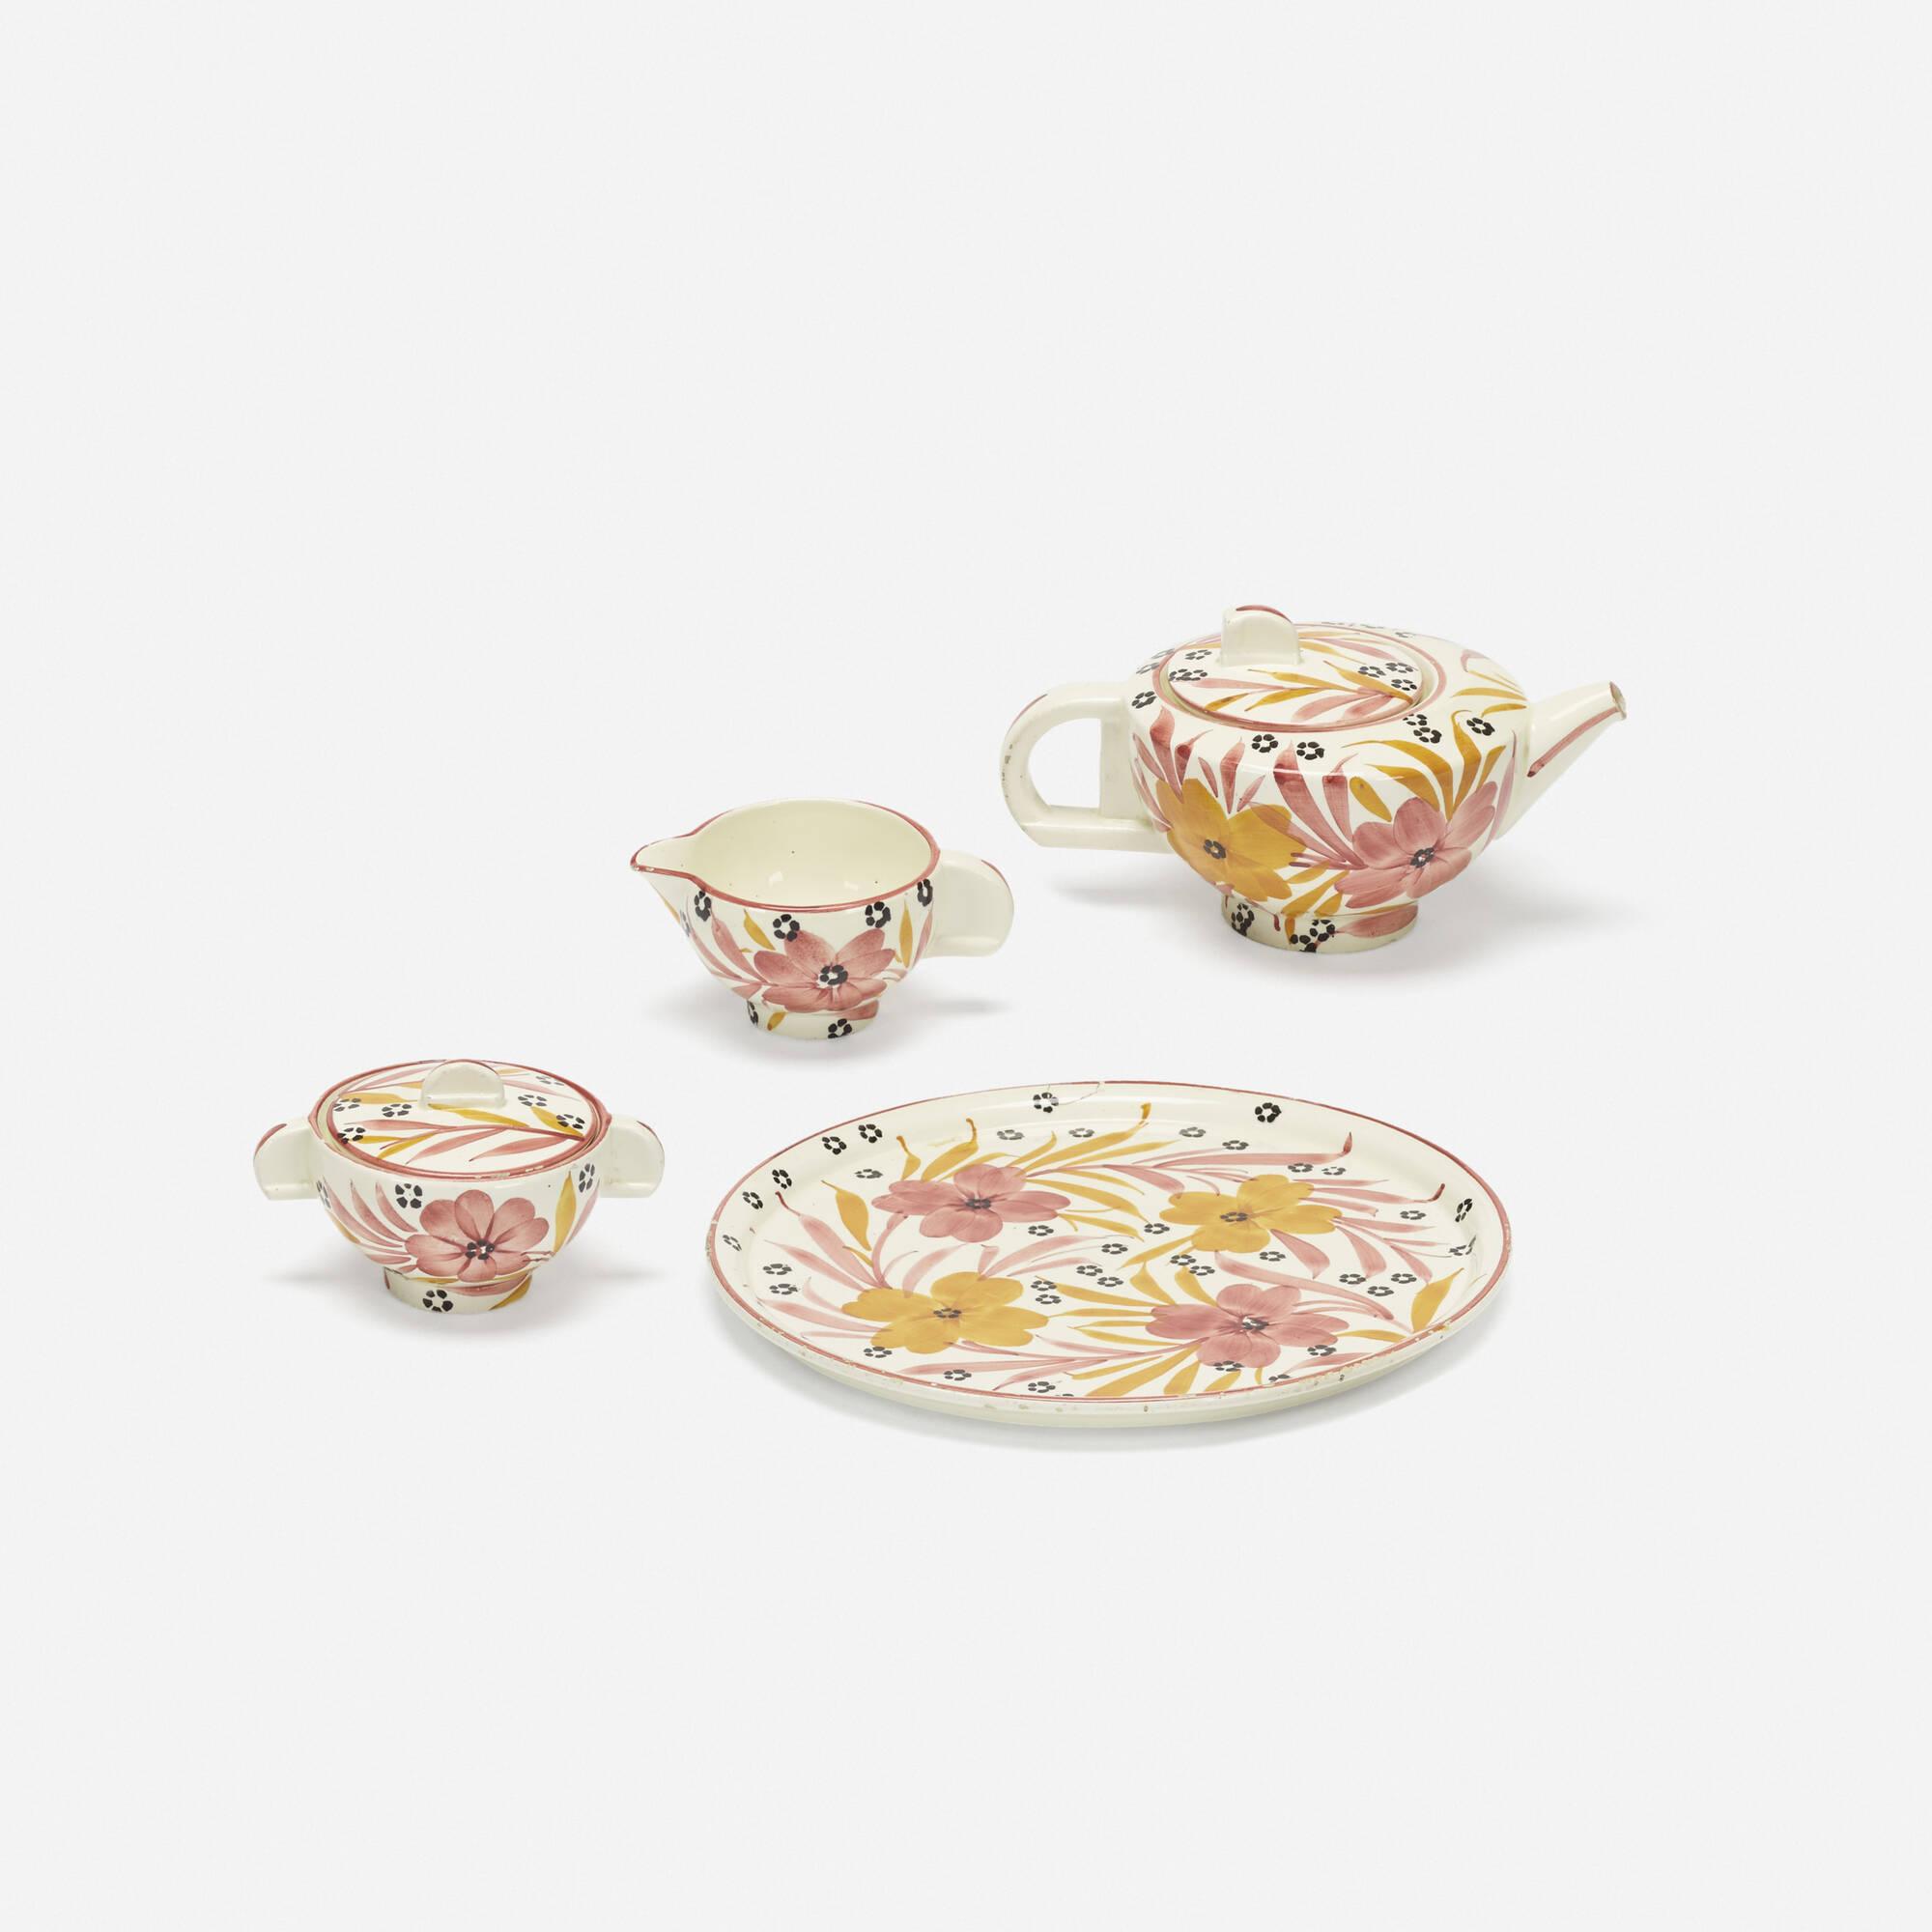 332: Eva Zeisel / Black Forest tea service (1 of 4)